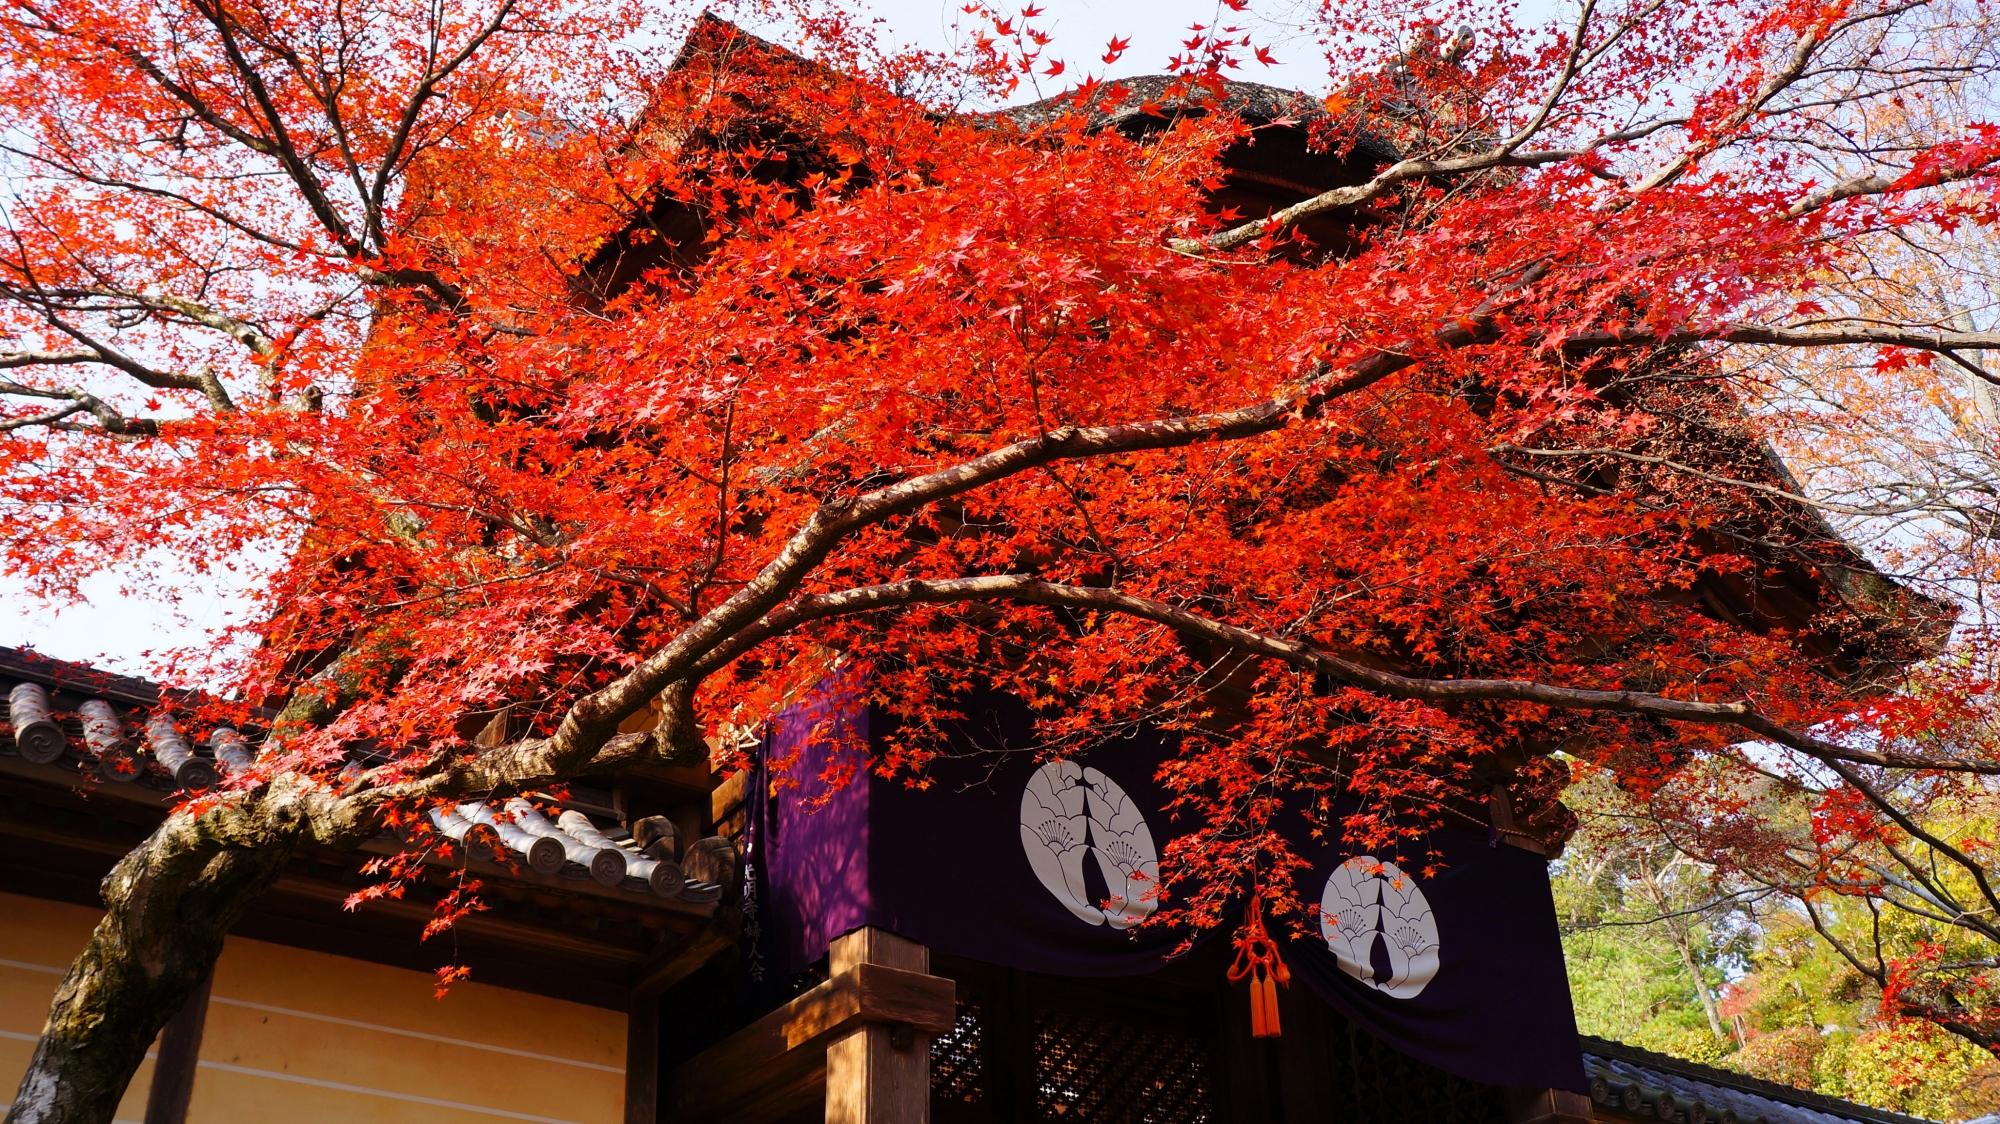 煌く真っ赤な紅葉に彩られる勅使門と寺紋